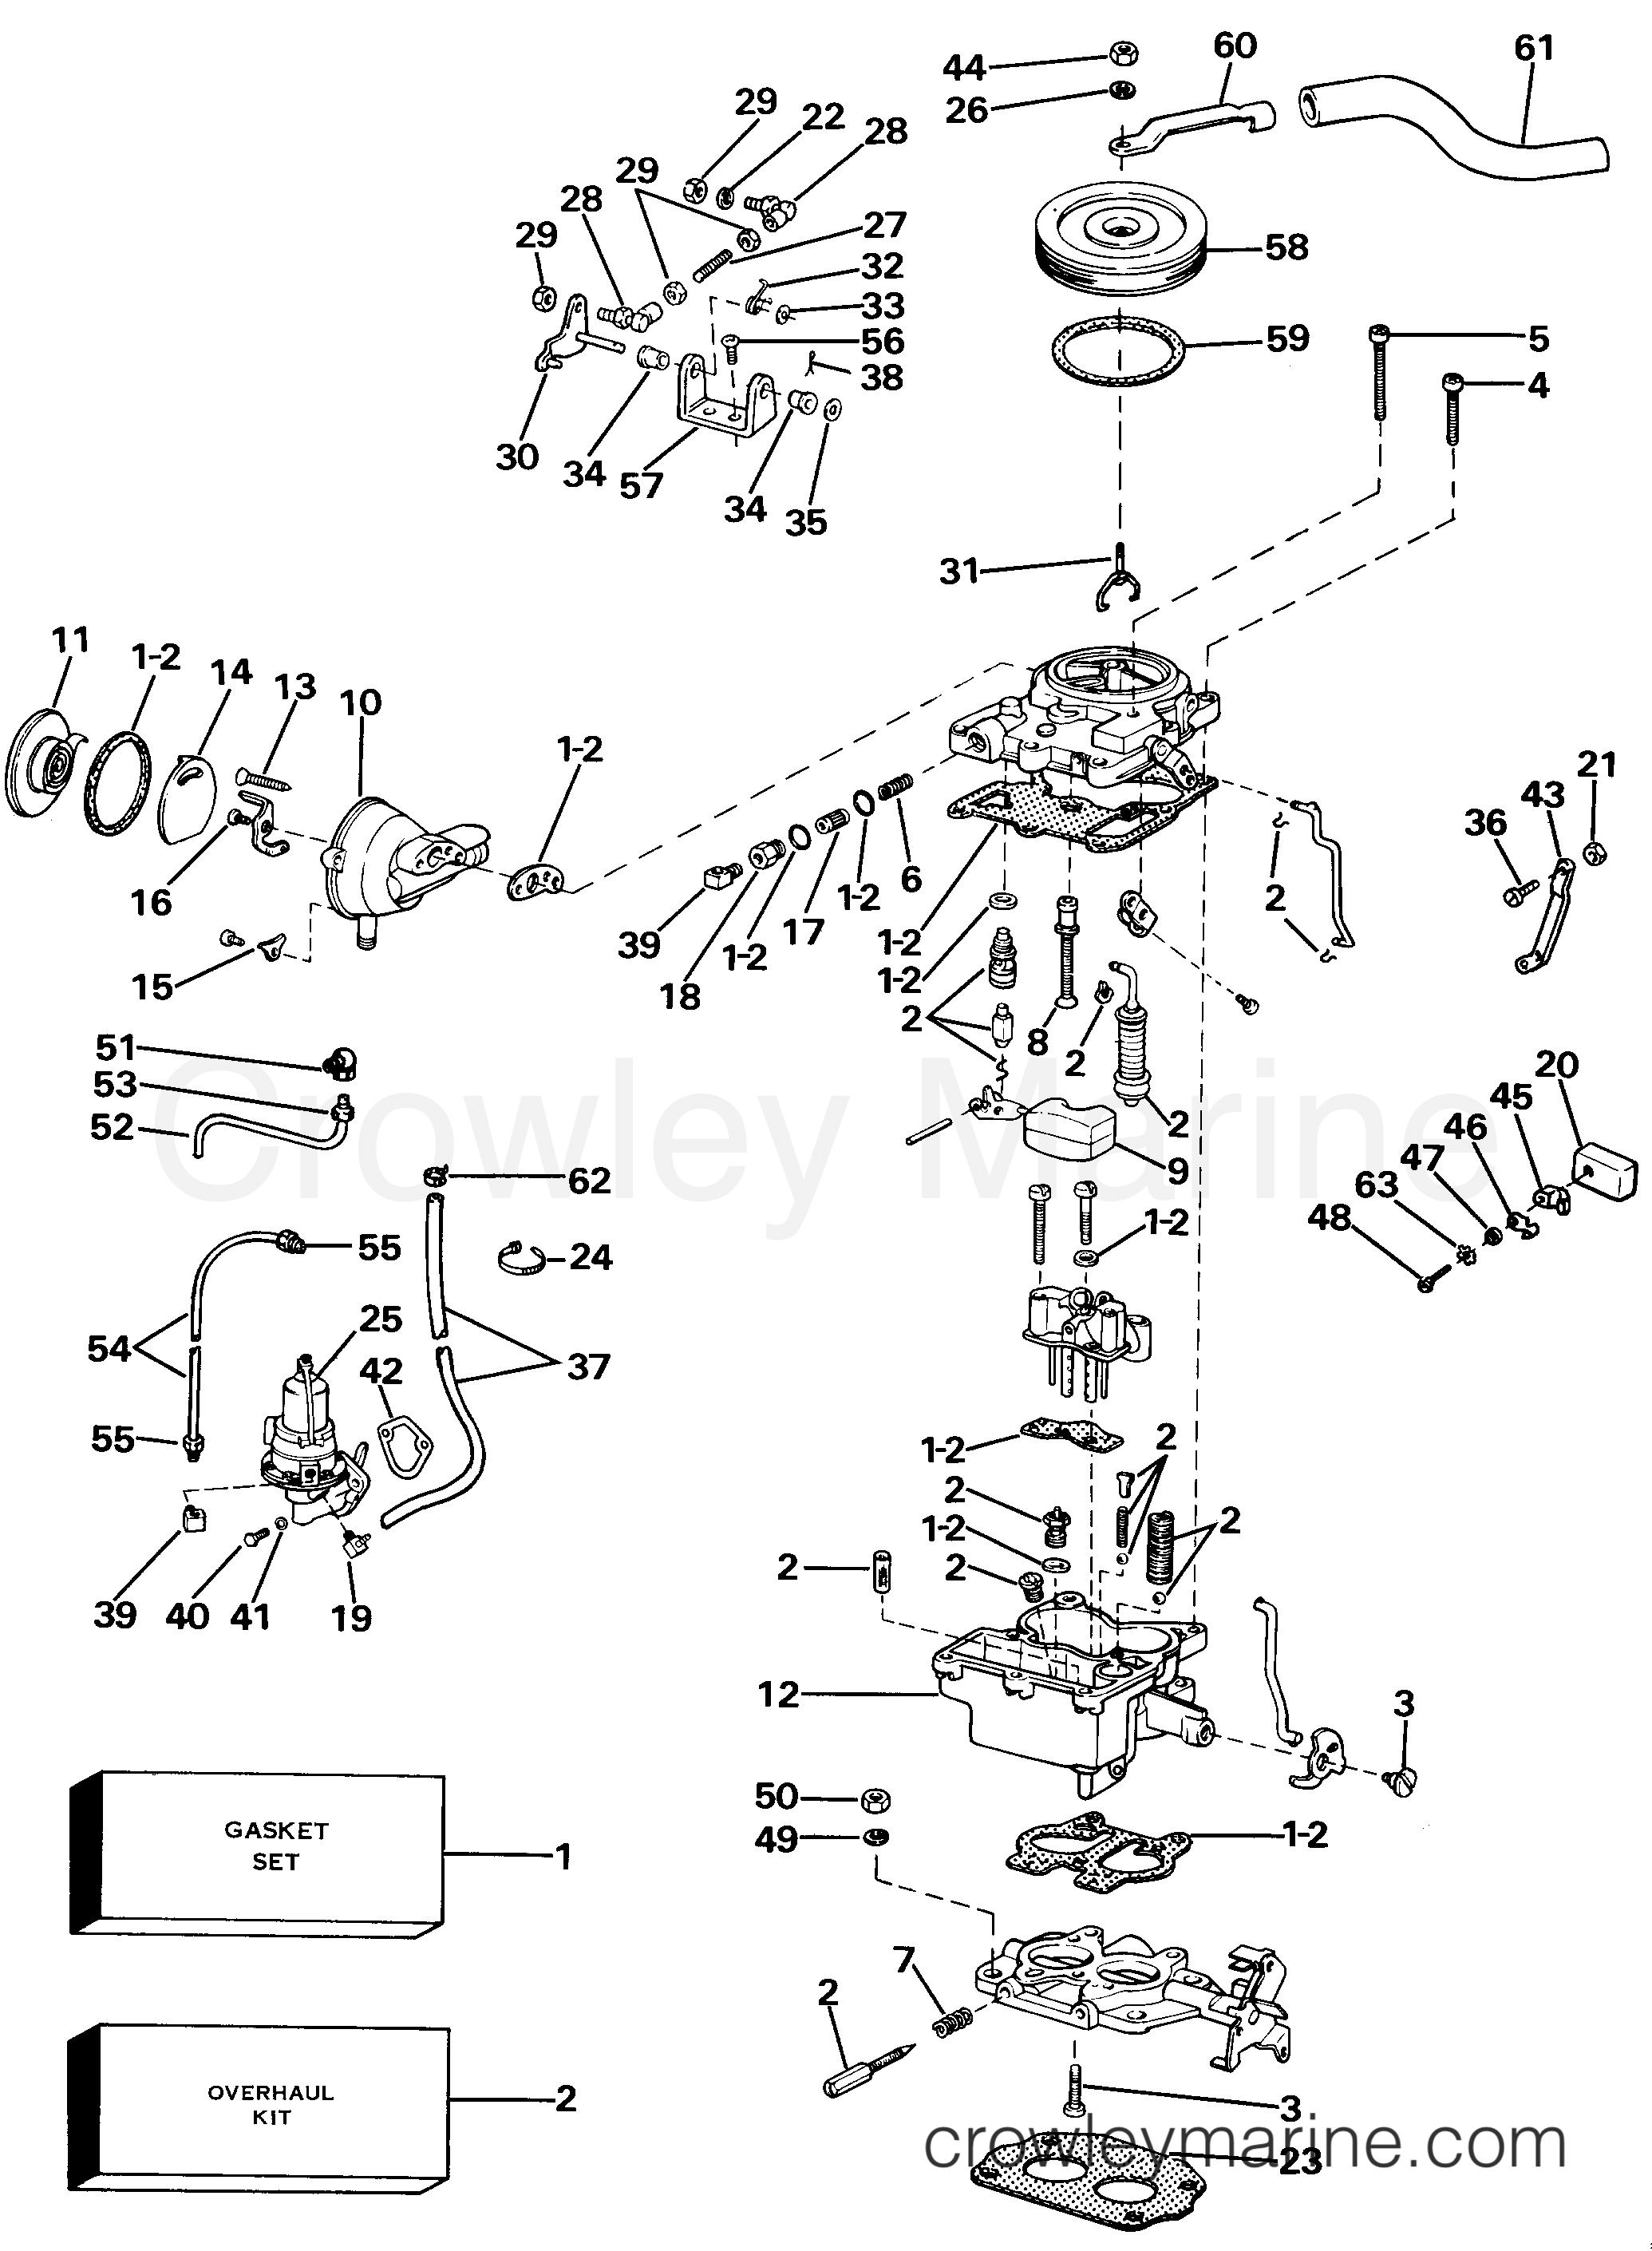 carburetor  u0026 fuel pump